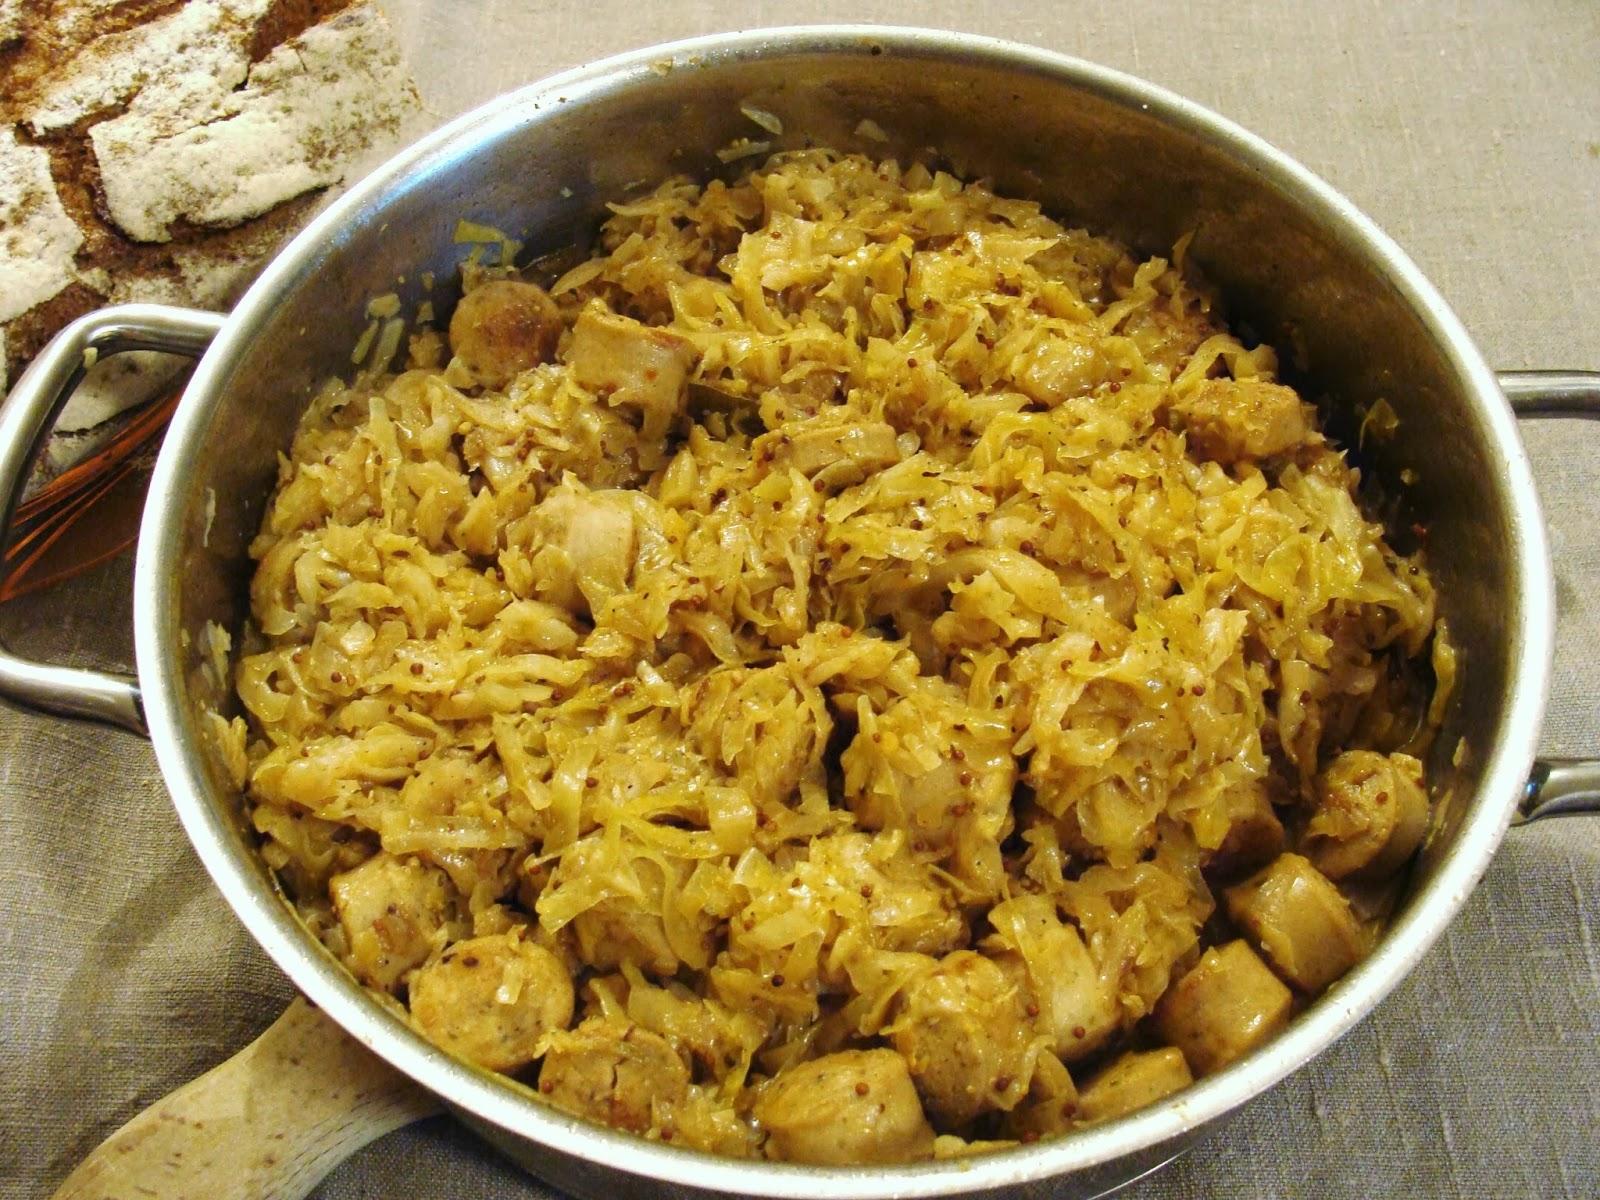 Бигус с рисом - рецепт с фото, как приготовить из свежей капусты с мясом 57